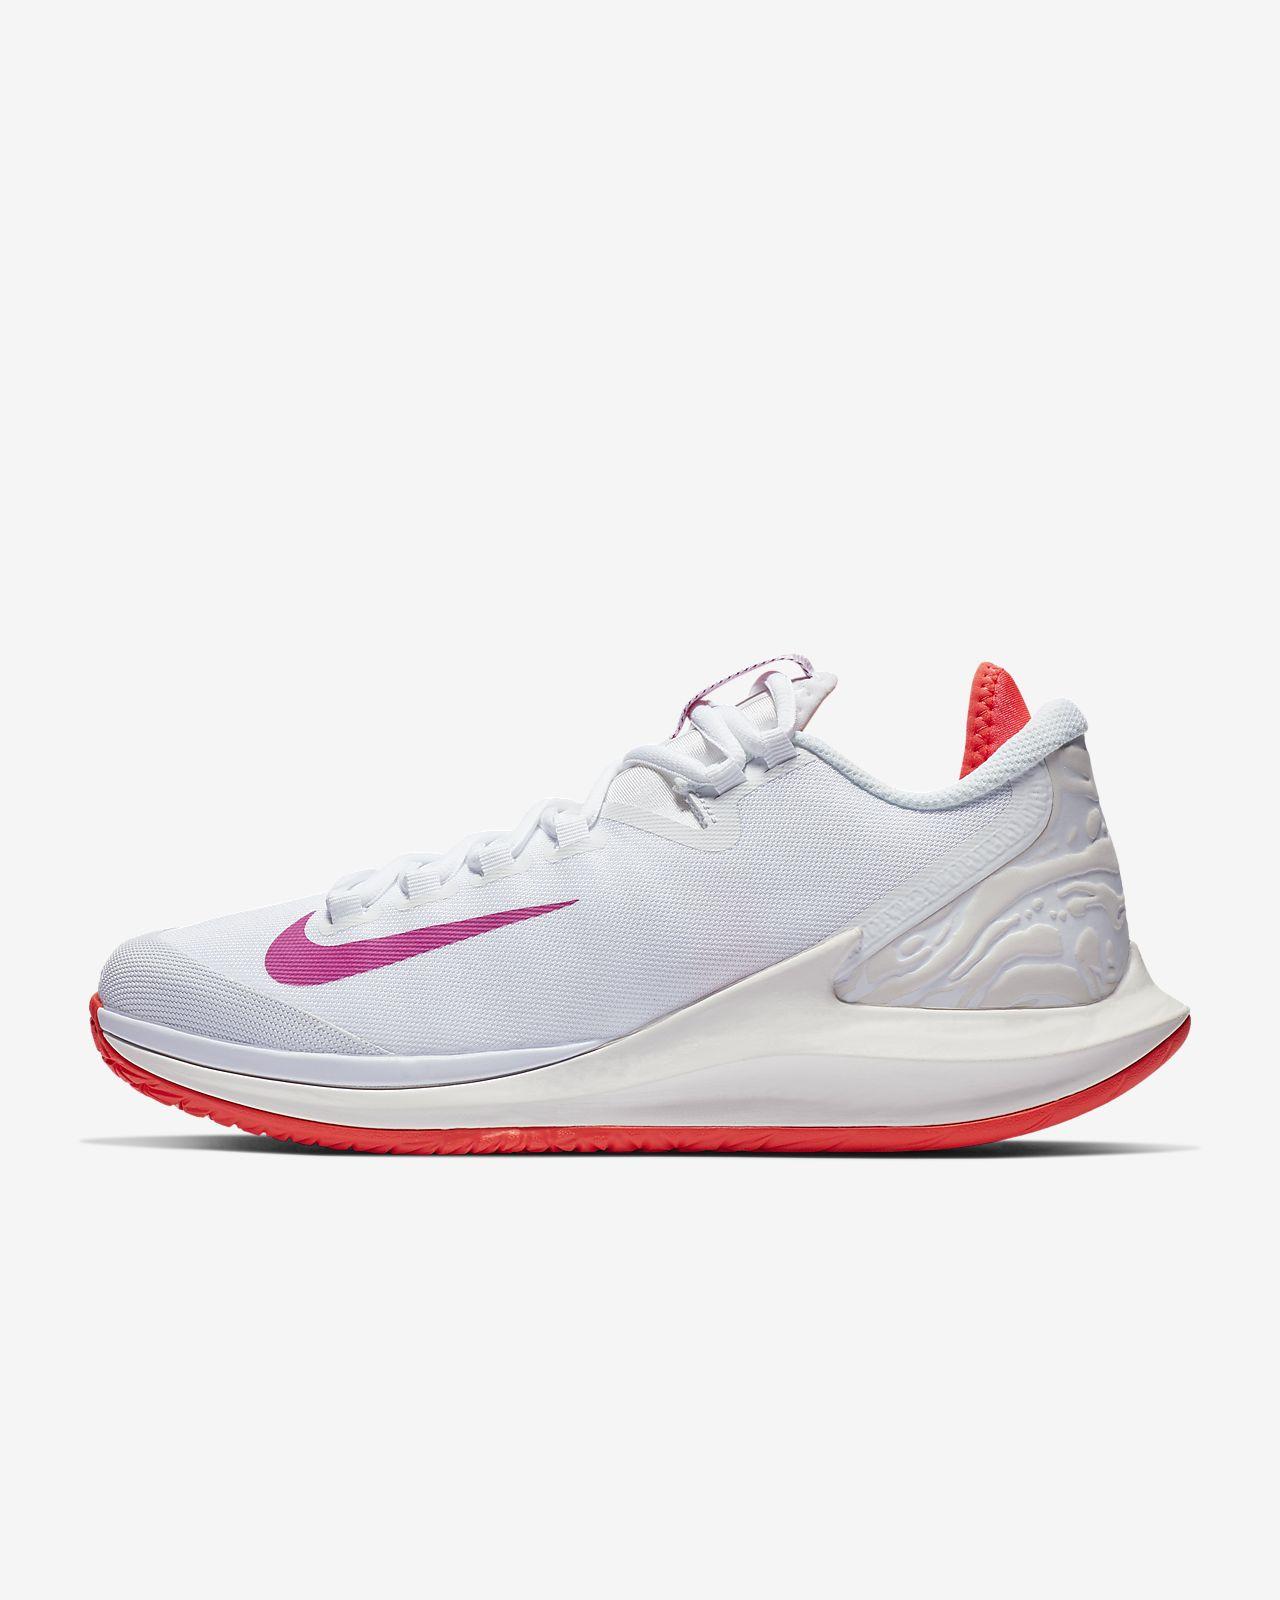 Zero Femme Pour Chaussure Nikecourt Zoom Tennis Air De QCBhtdxsr